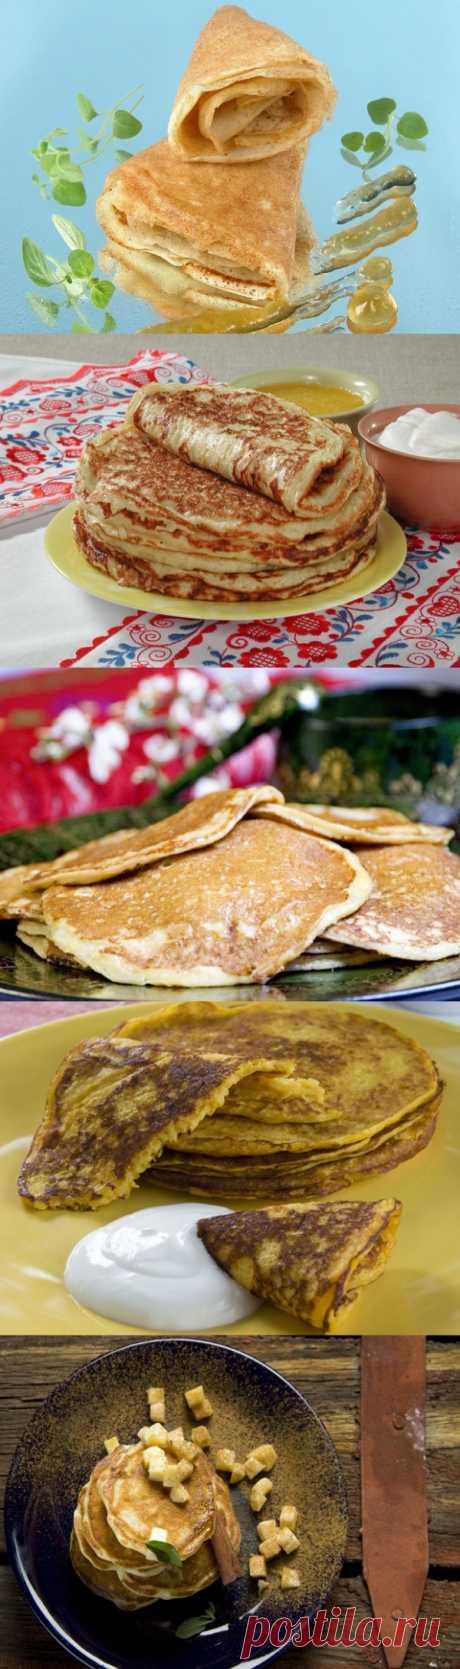 Стол на Широкую Масленицу: печем блины, готовим блинчатые пироги (для получения рецепта нажмите 2 раза на картинку)